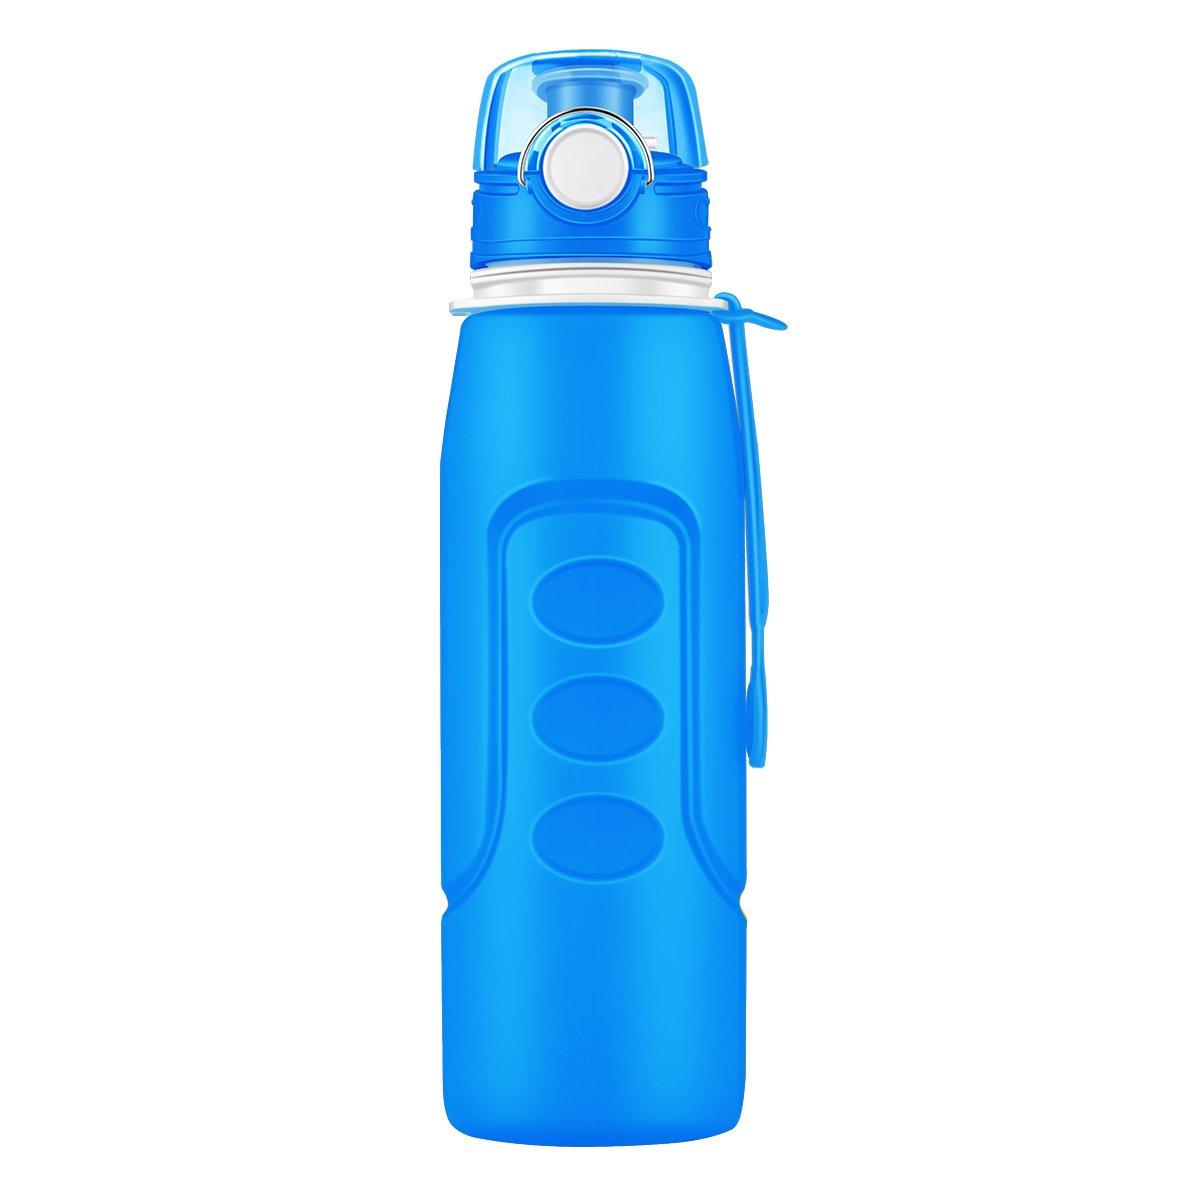 Bottiglia acqua pieghevole,Rottay bottiglia pieghevole acqua in silicone 1000 mL (35fl oz), omologato dalla FDA, Bottiglia di acqua con ampia bocca-BPA Free-flip superiore ermetica-ermetica, portatile (blu)